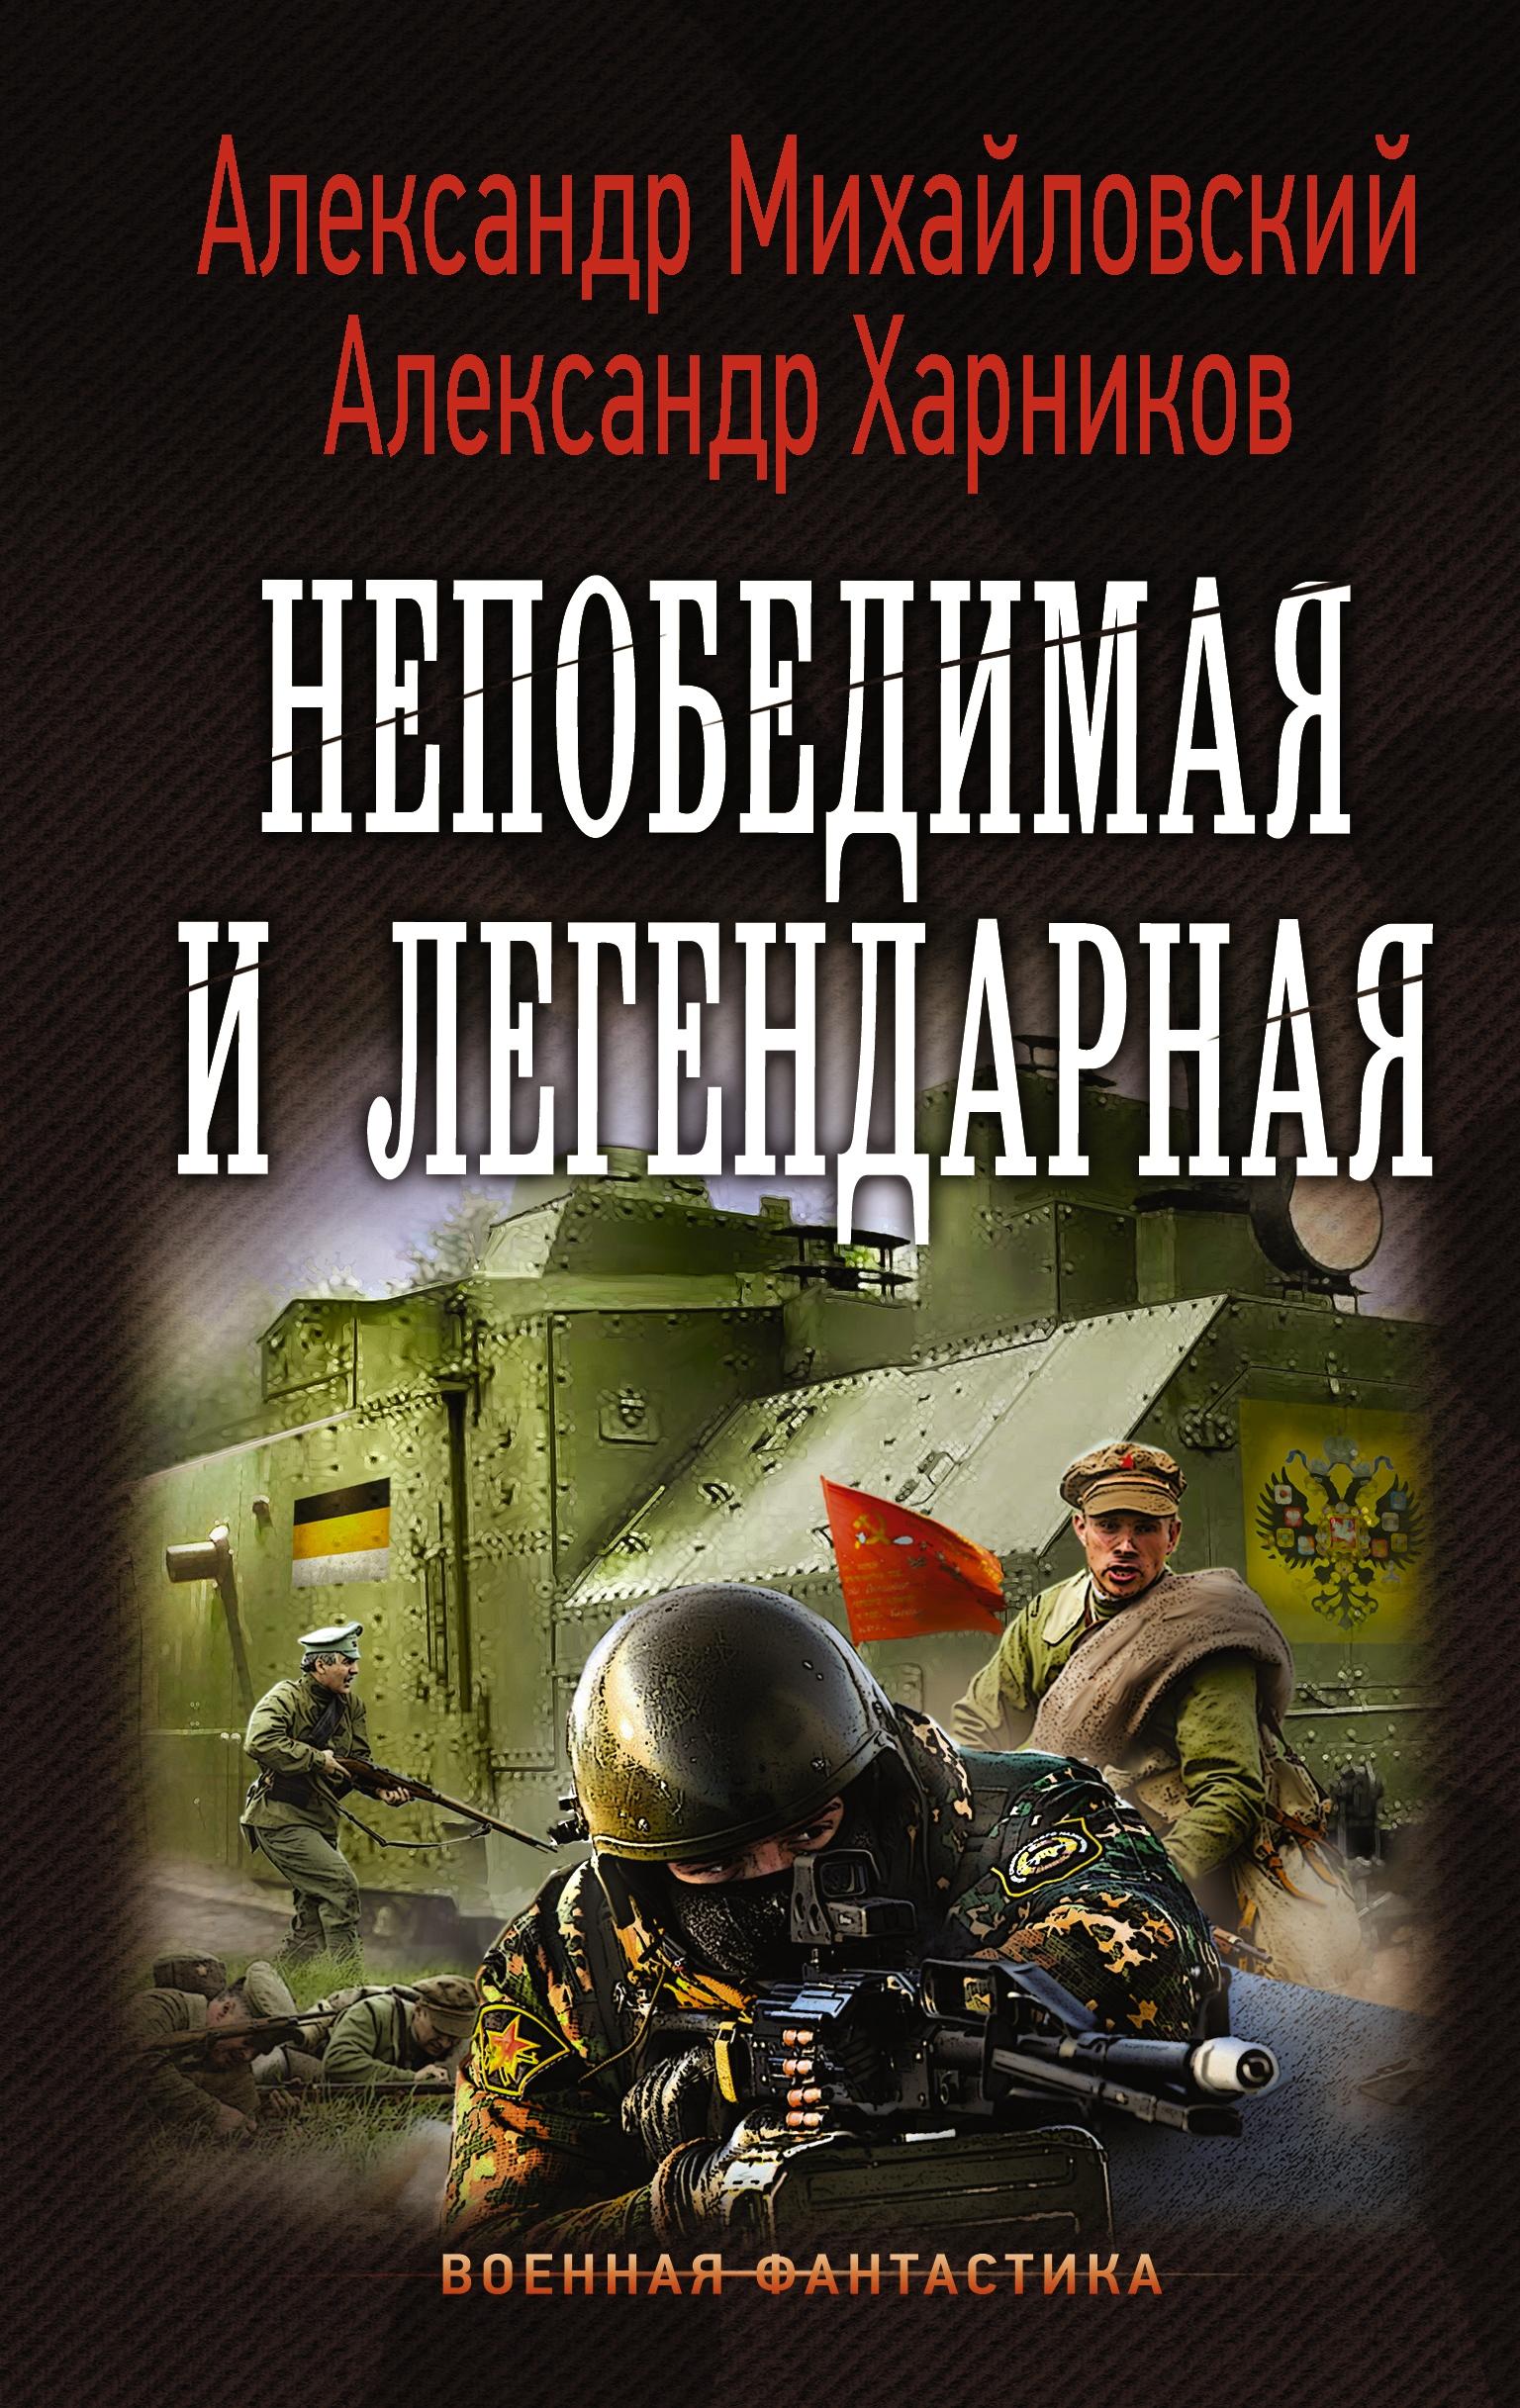 Справочник попаданцев времена великой отечественной войны